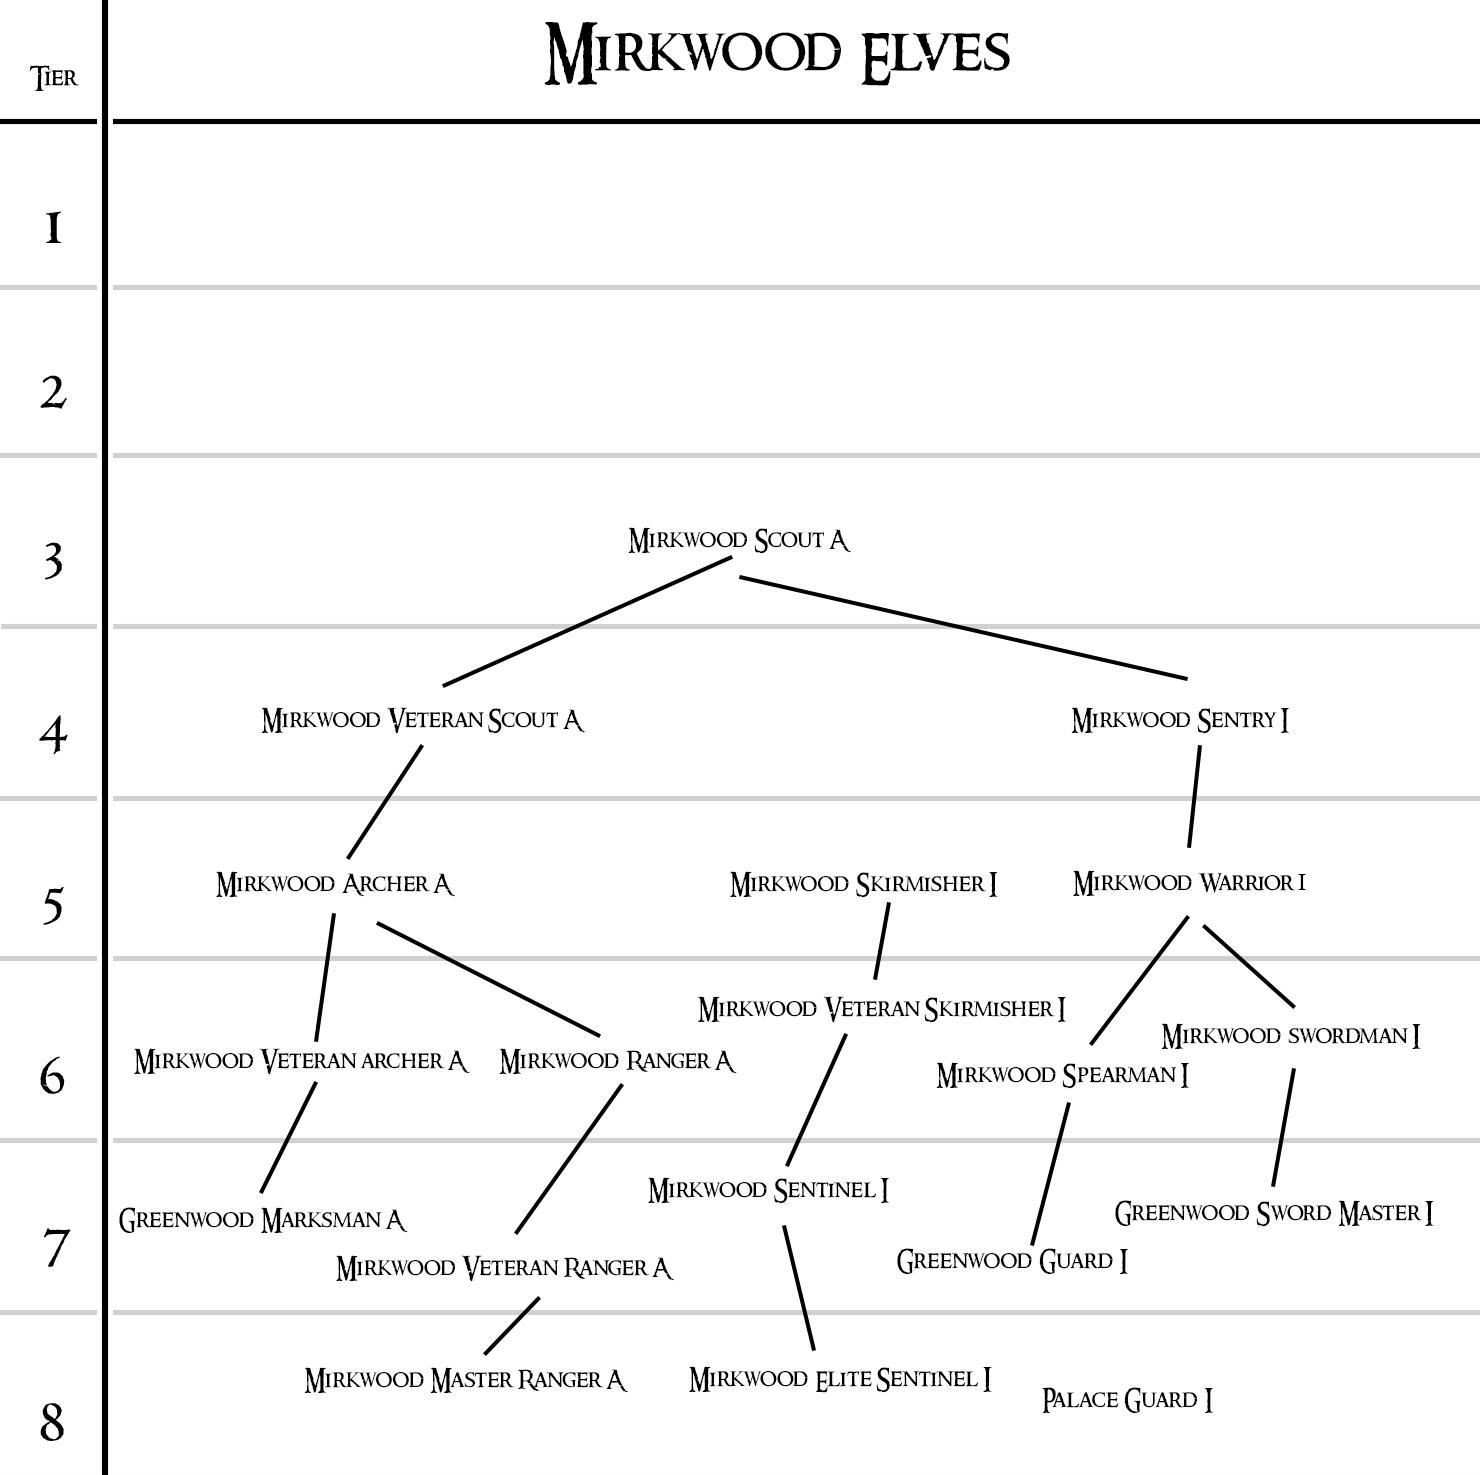 mirwoodElves